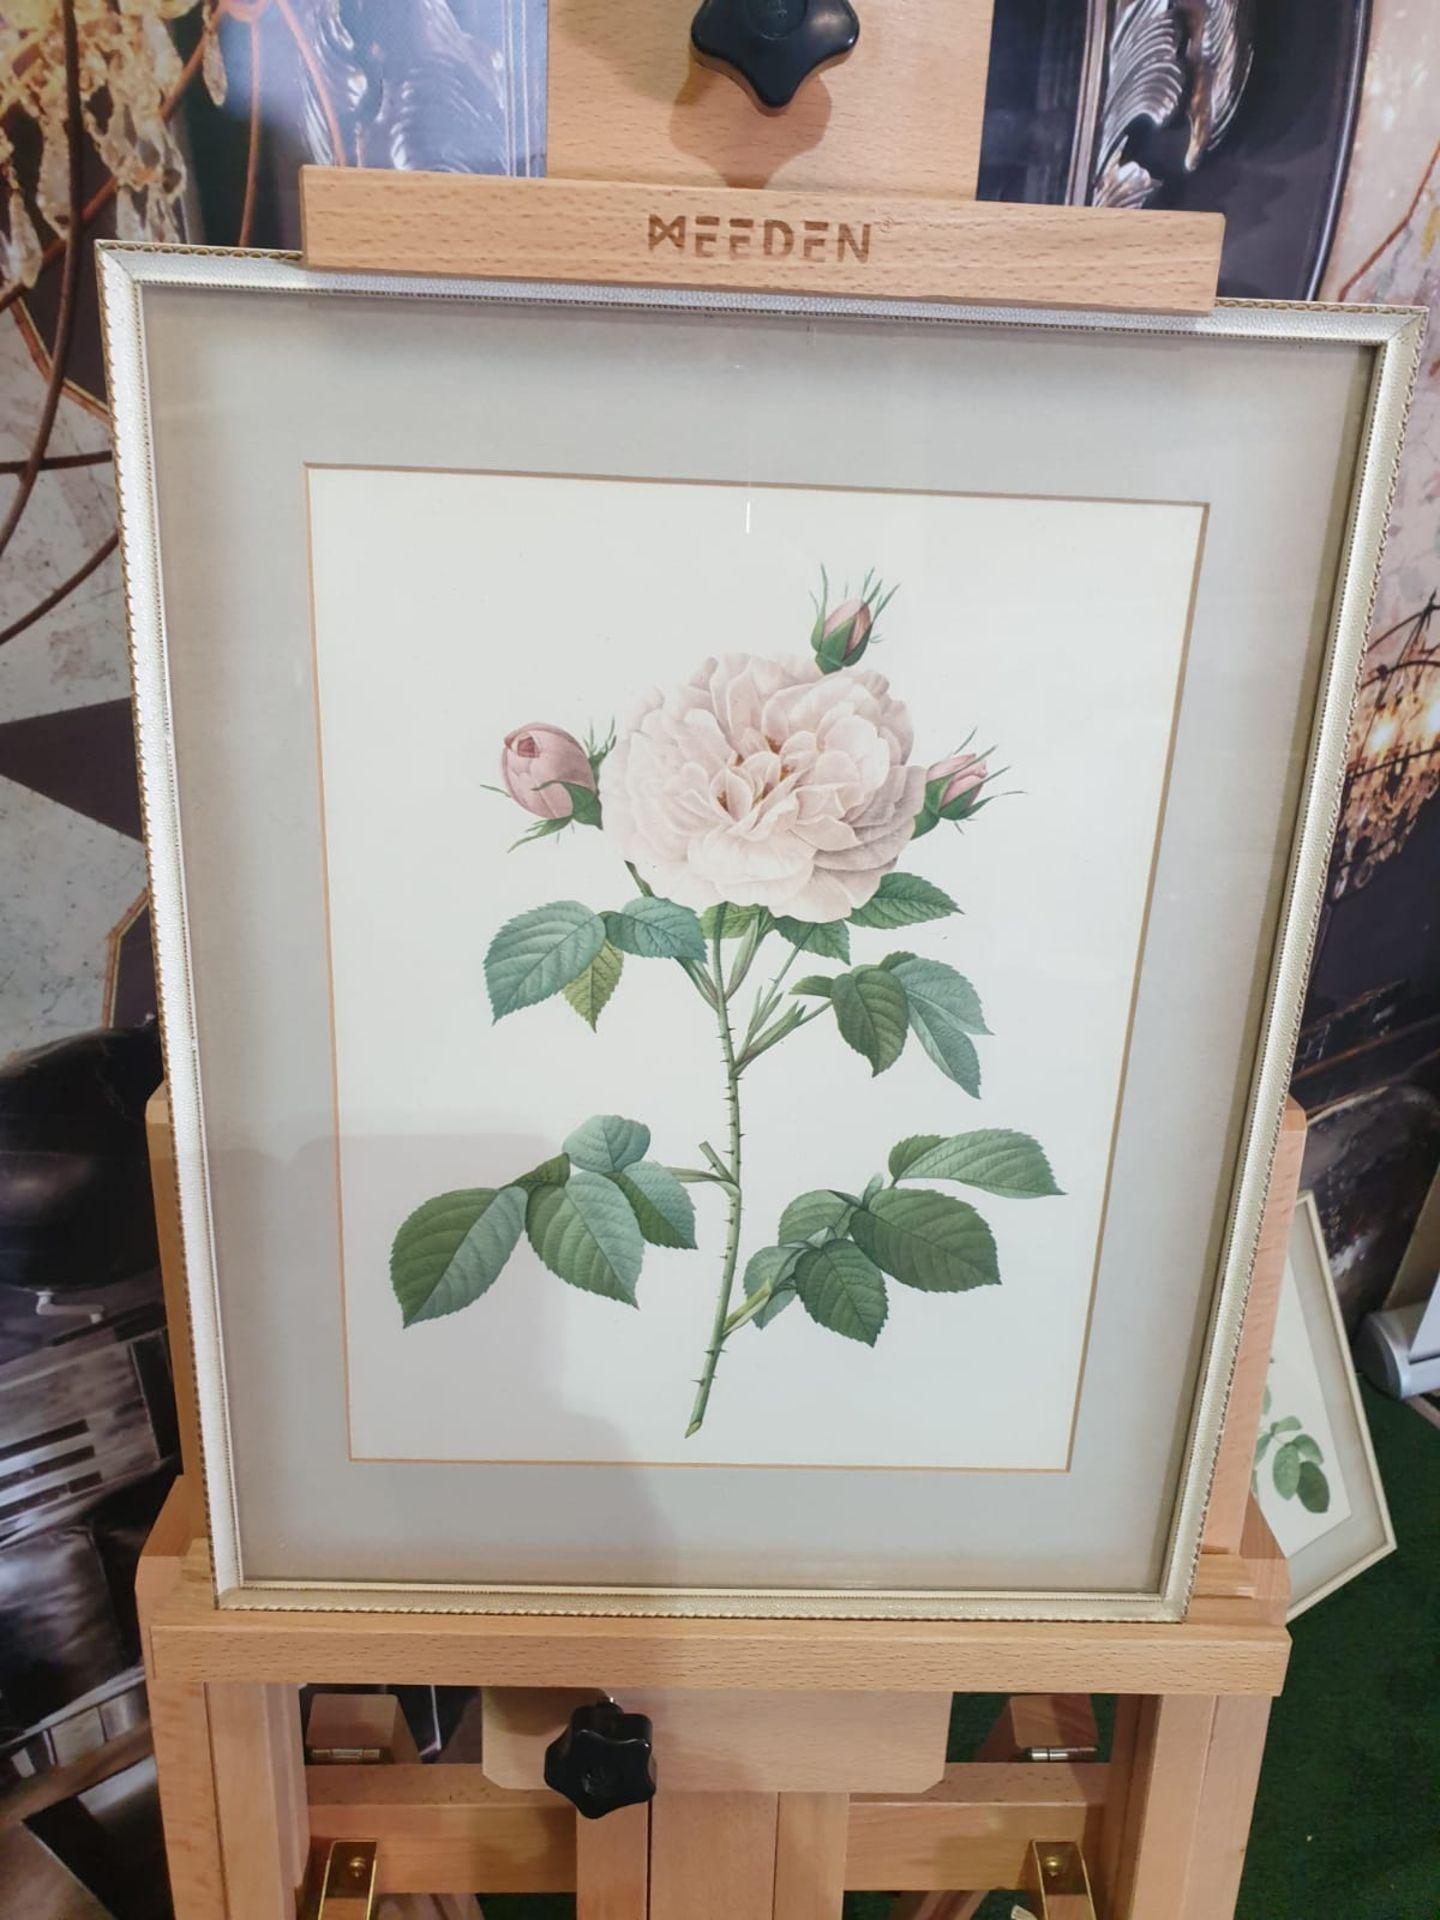 Framed botanical vintage print Rosa alla Regalis Pierre-Joseph Redouté (1759 –1840), was a